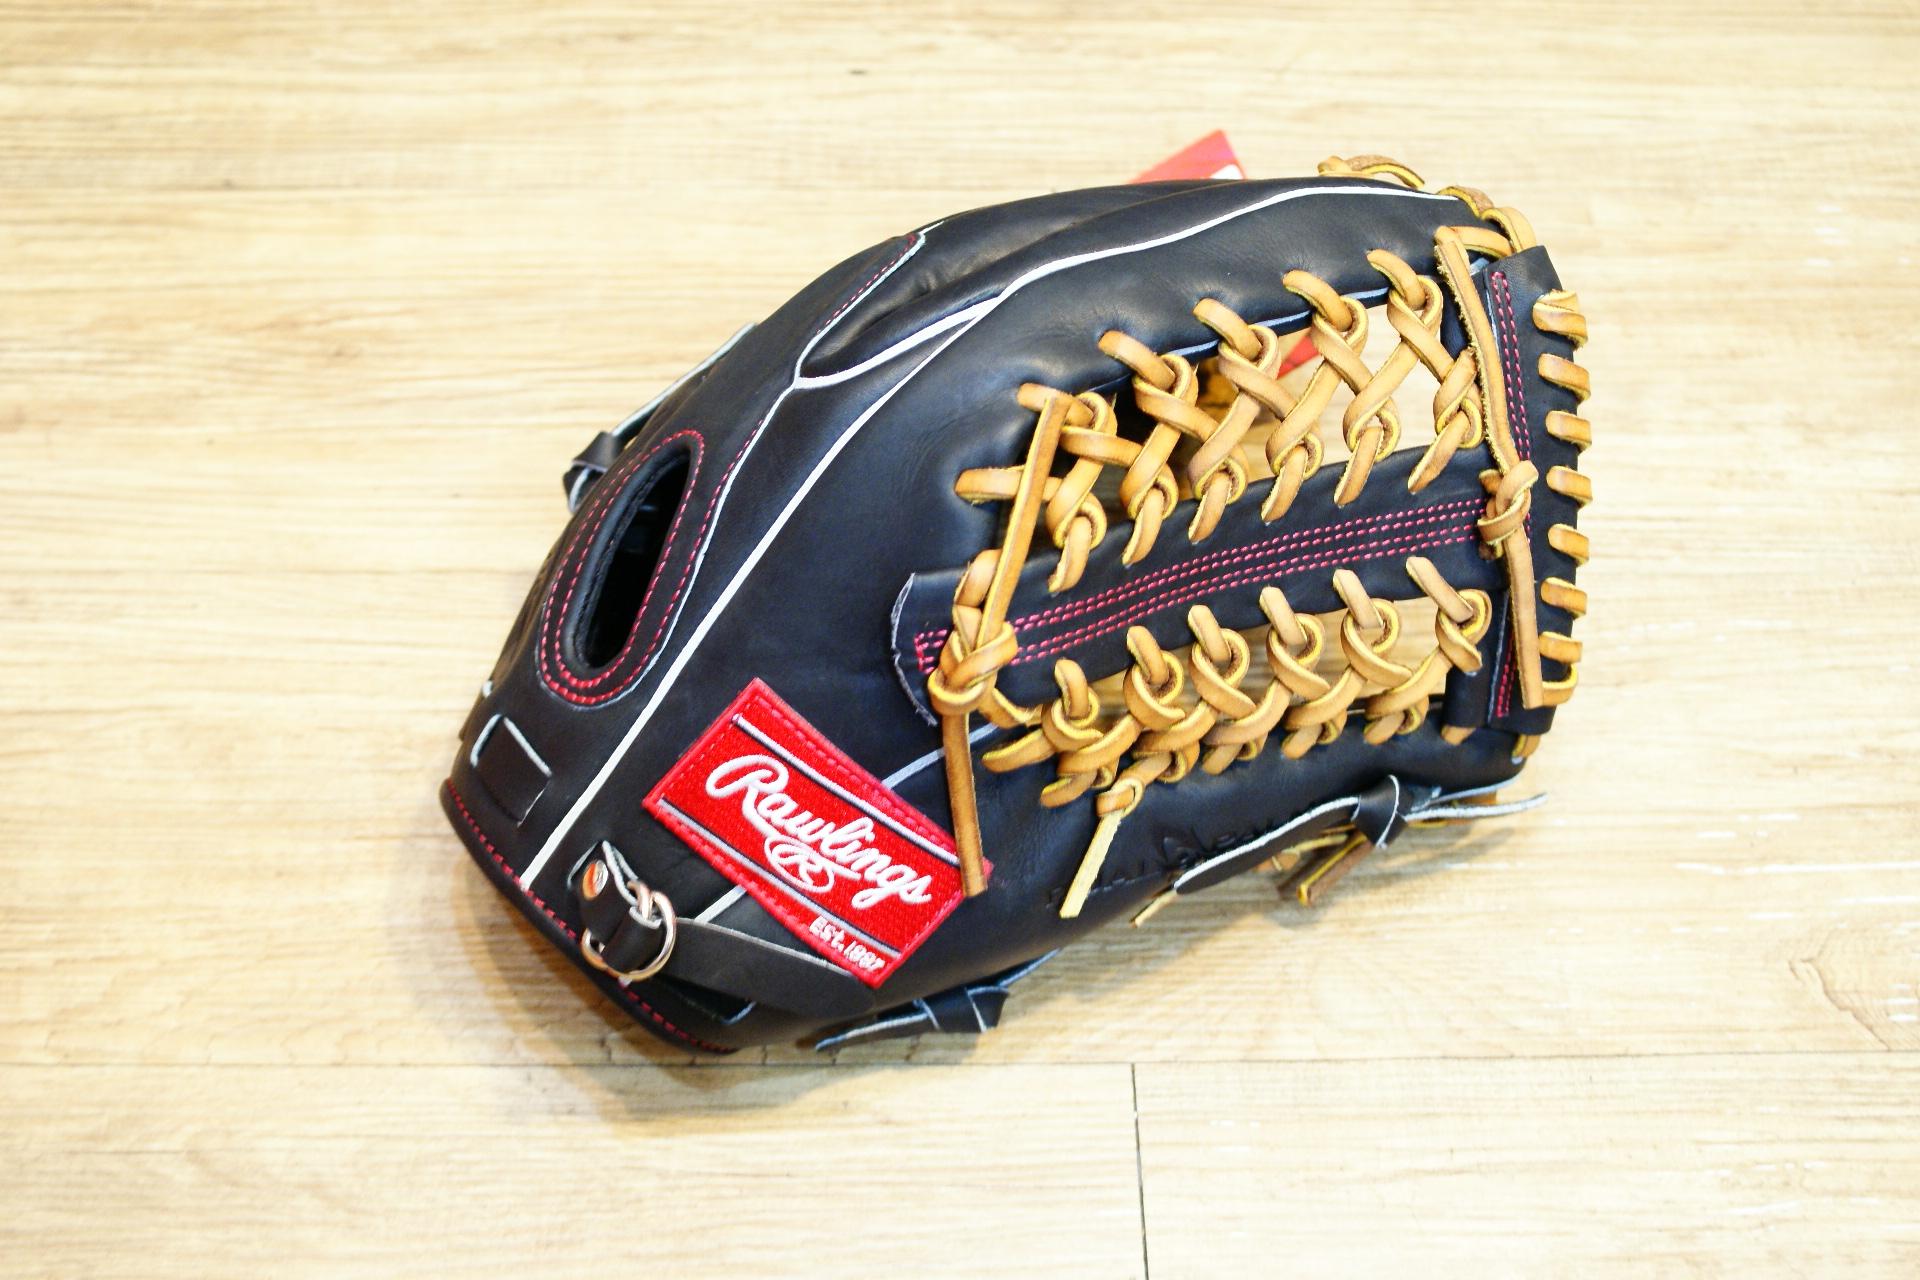 棒球世界全新日本進口Rawlings硬式 棒球用手套 12.75吋 特價